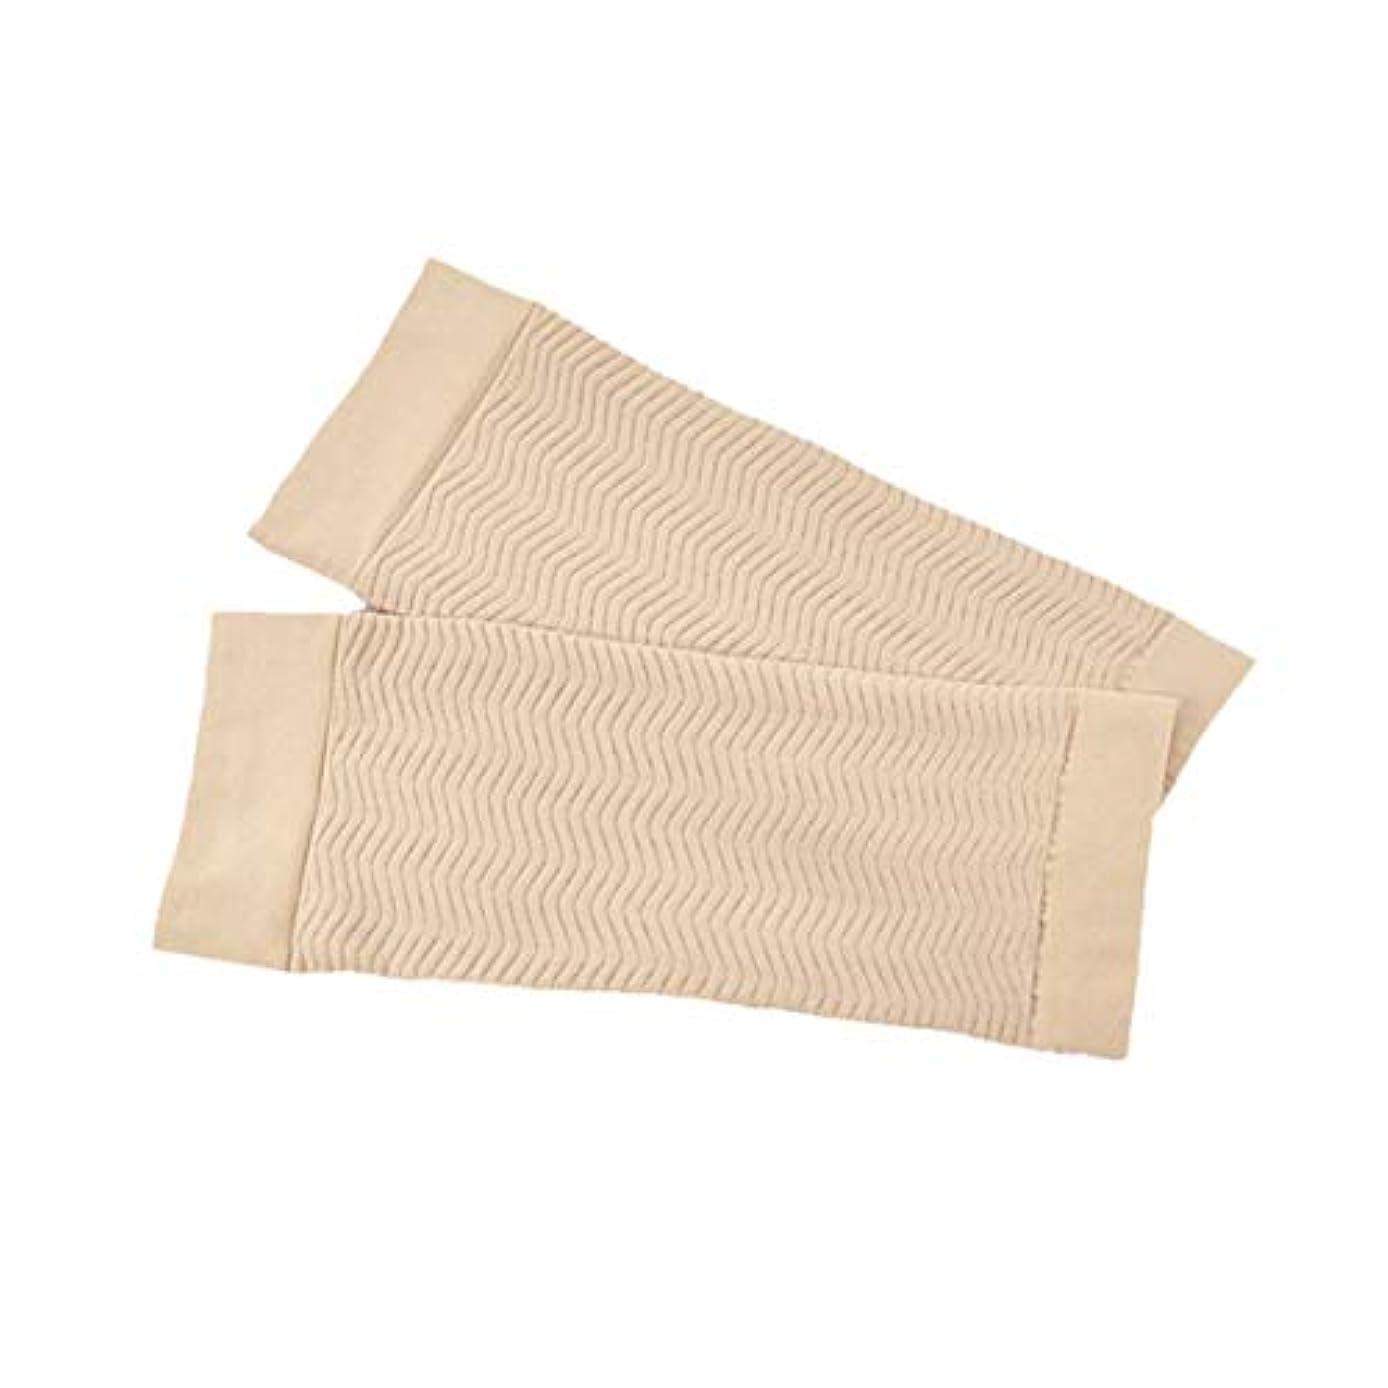 確保するリスキーな浸透する1ペア680 D圧縮アームシェイパーワークアウトトーニングバーンセルライトスリミングアームスリーブ脂肪燃焼半袖用女性 - スキンカラー